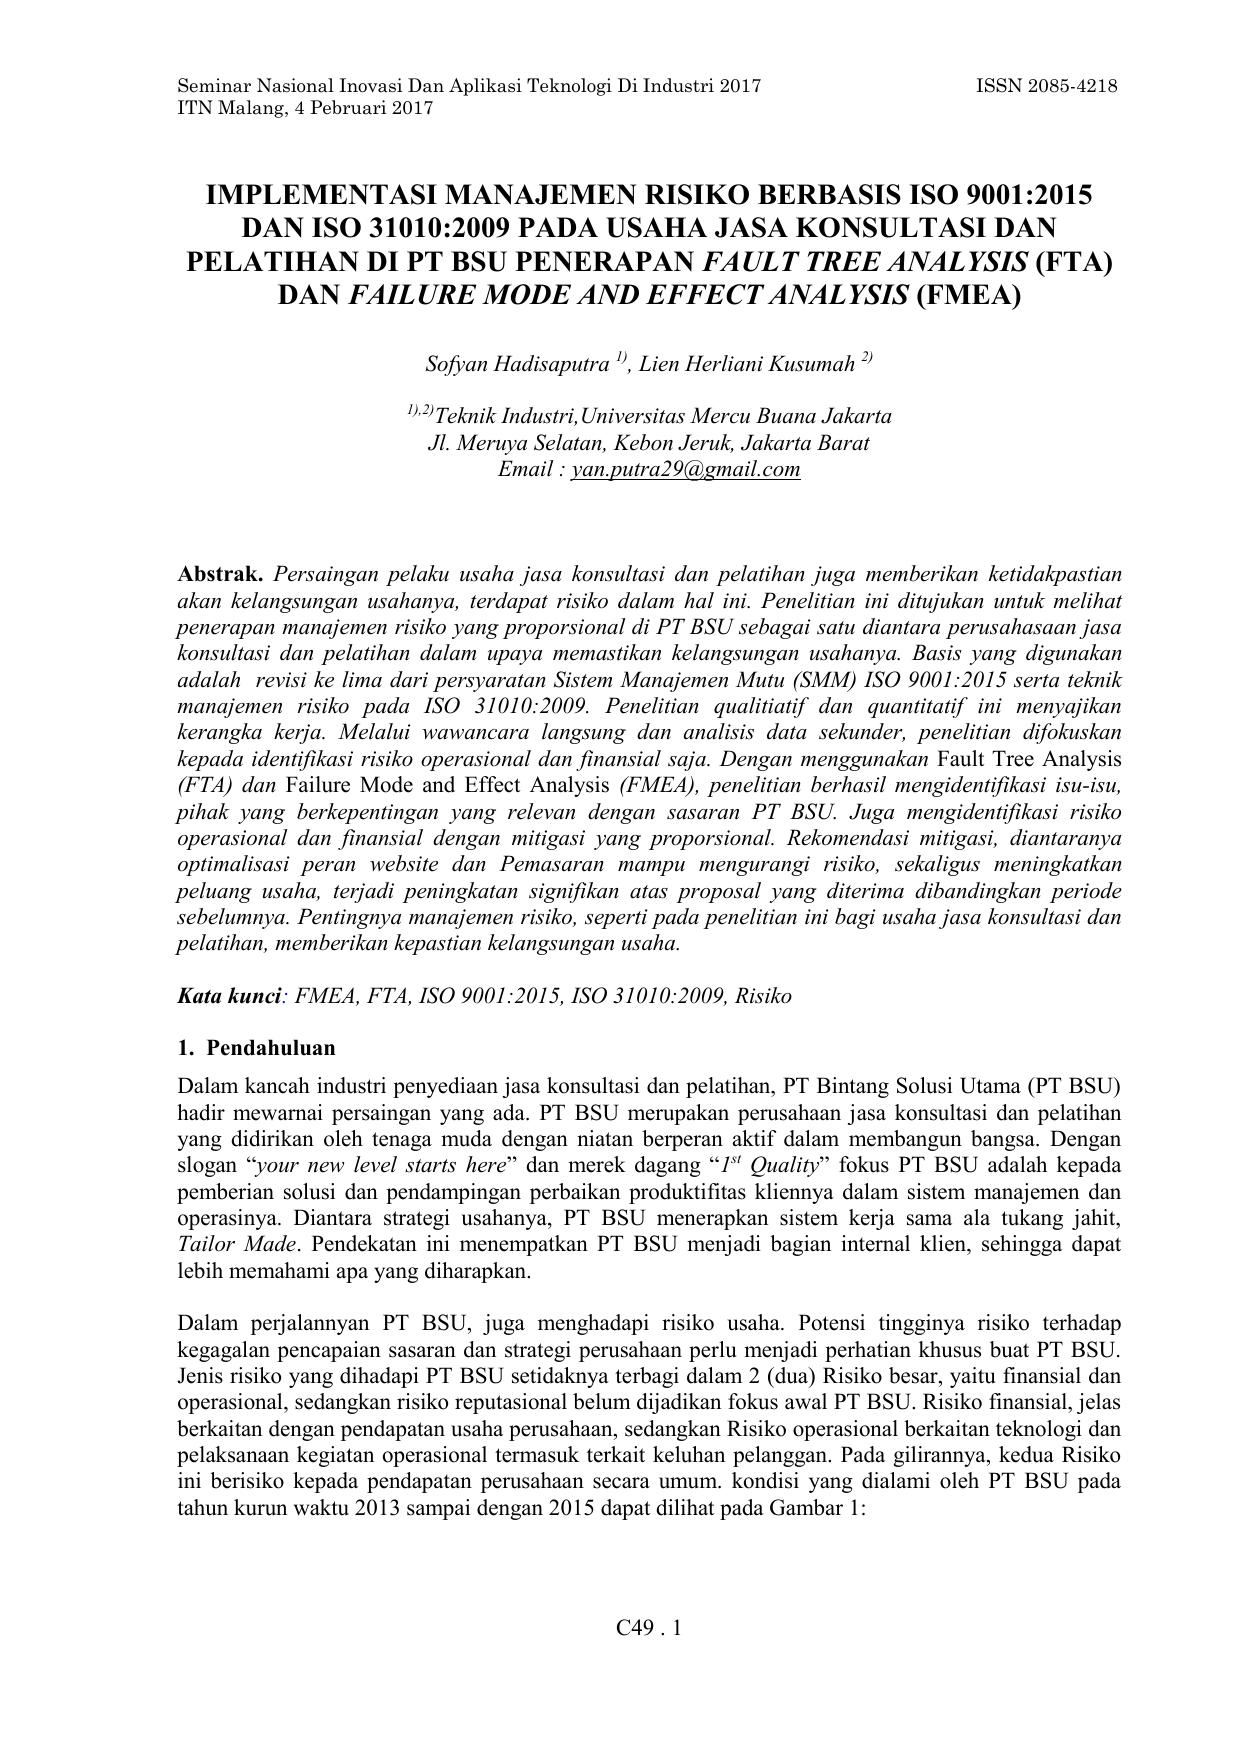 Implementasi Manajemen Risiko Berbasis Iso 9001 2015 Dan Iso